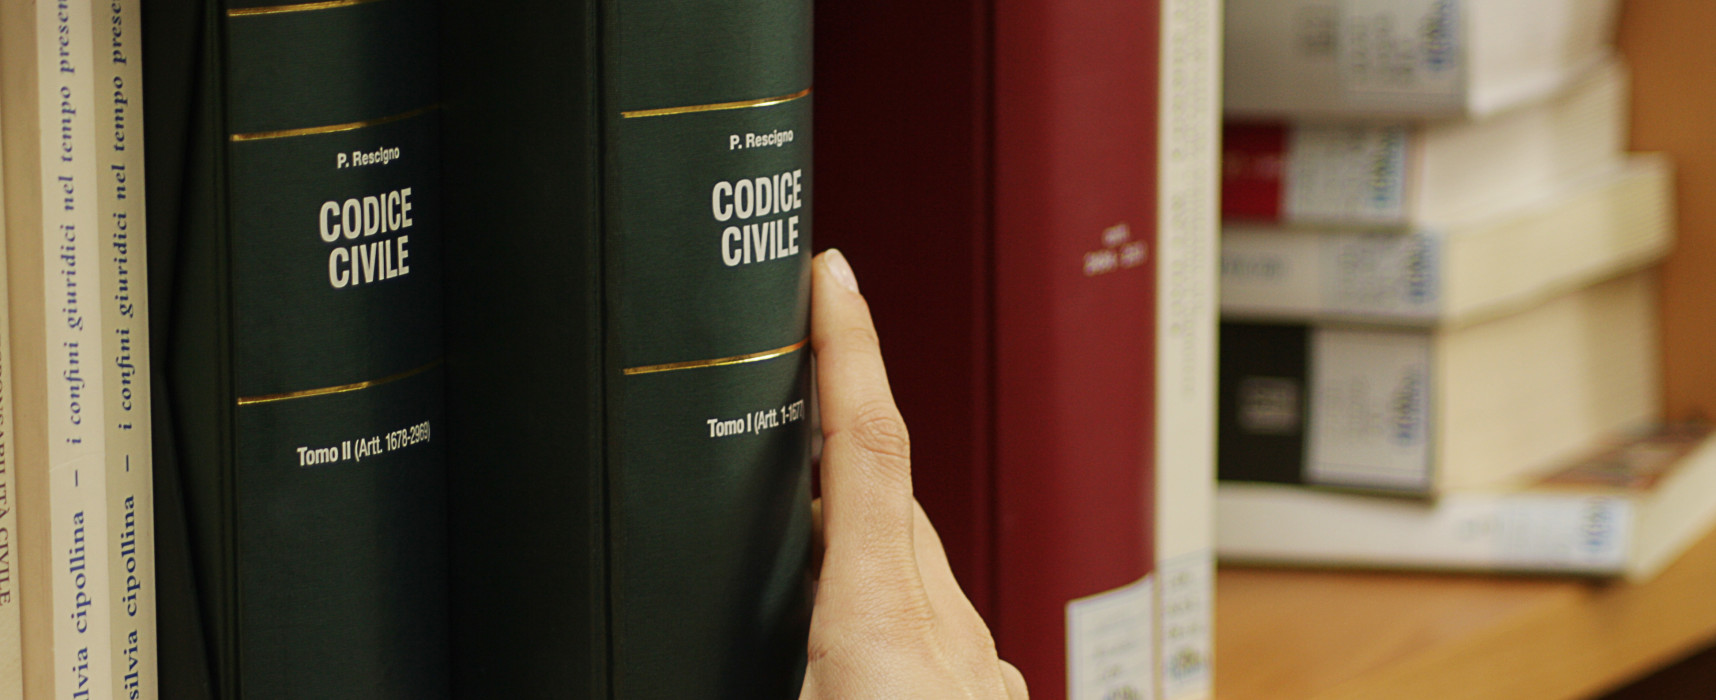 Tredici borse di studio per laureati in Giurisprudenza in convenzione tra gli Atenei toscani, la Regione Toscana e la Corte d'Appello di Firenze